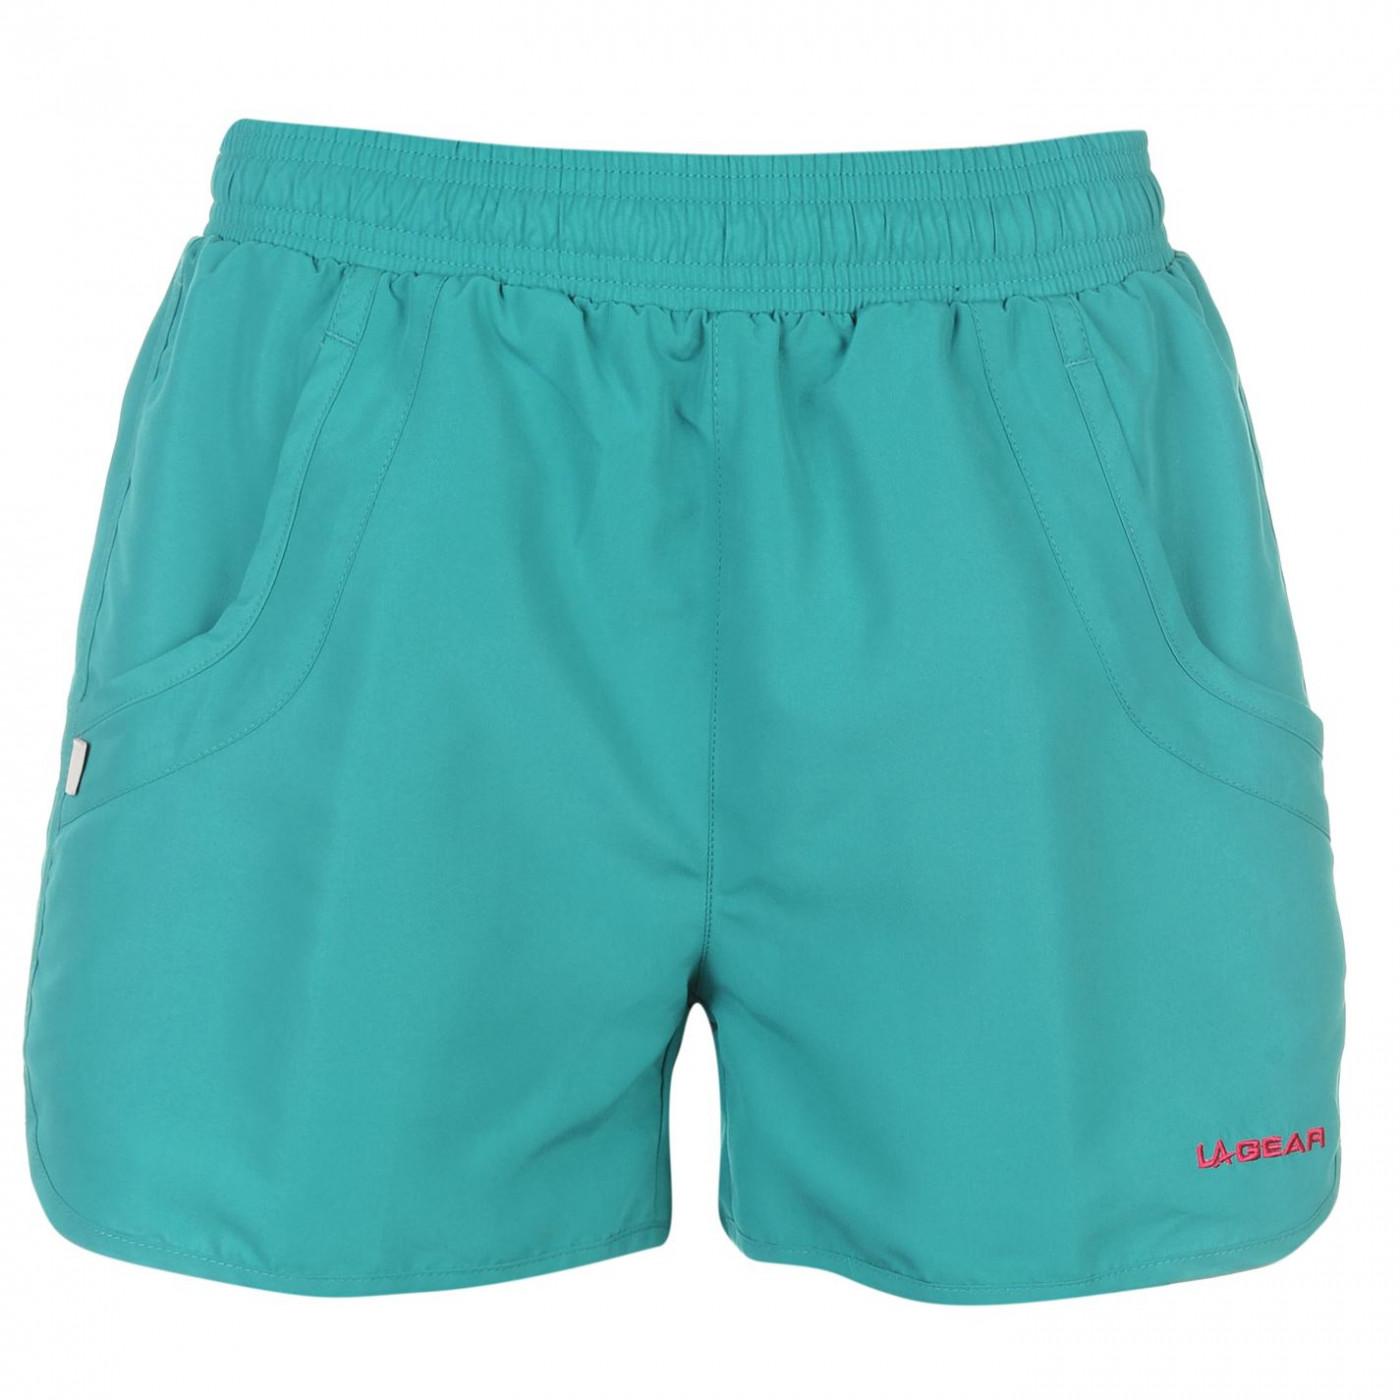 LA Gear Woven Shorts